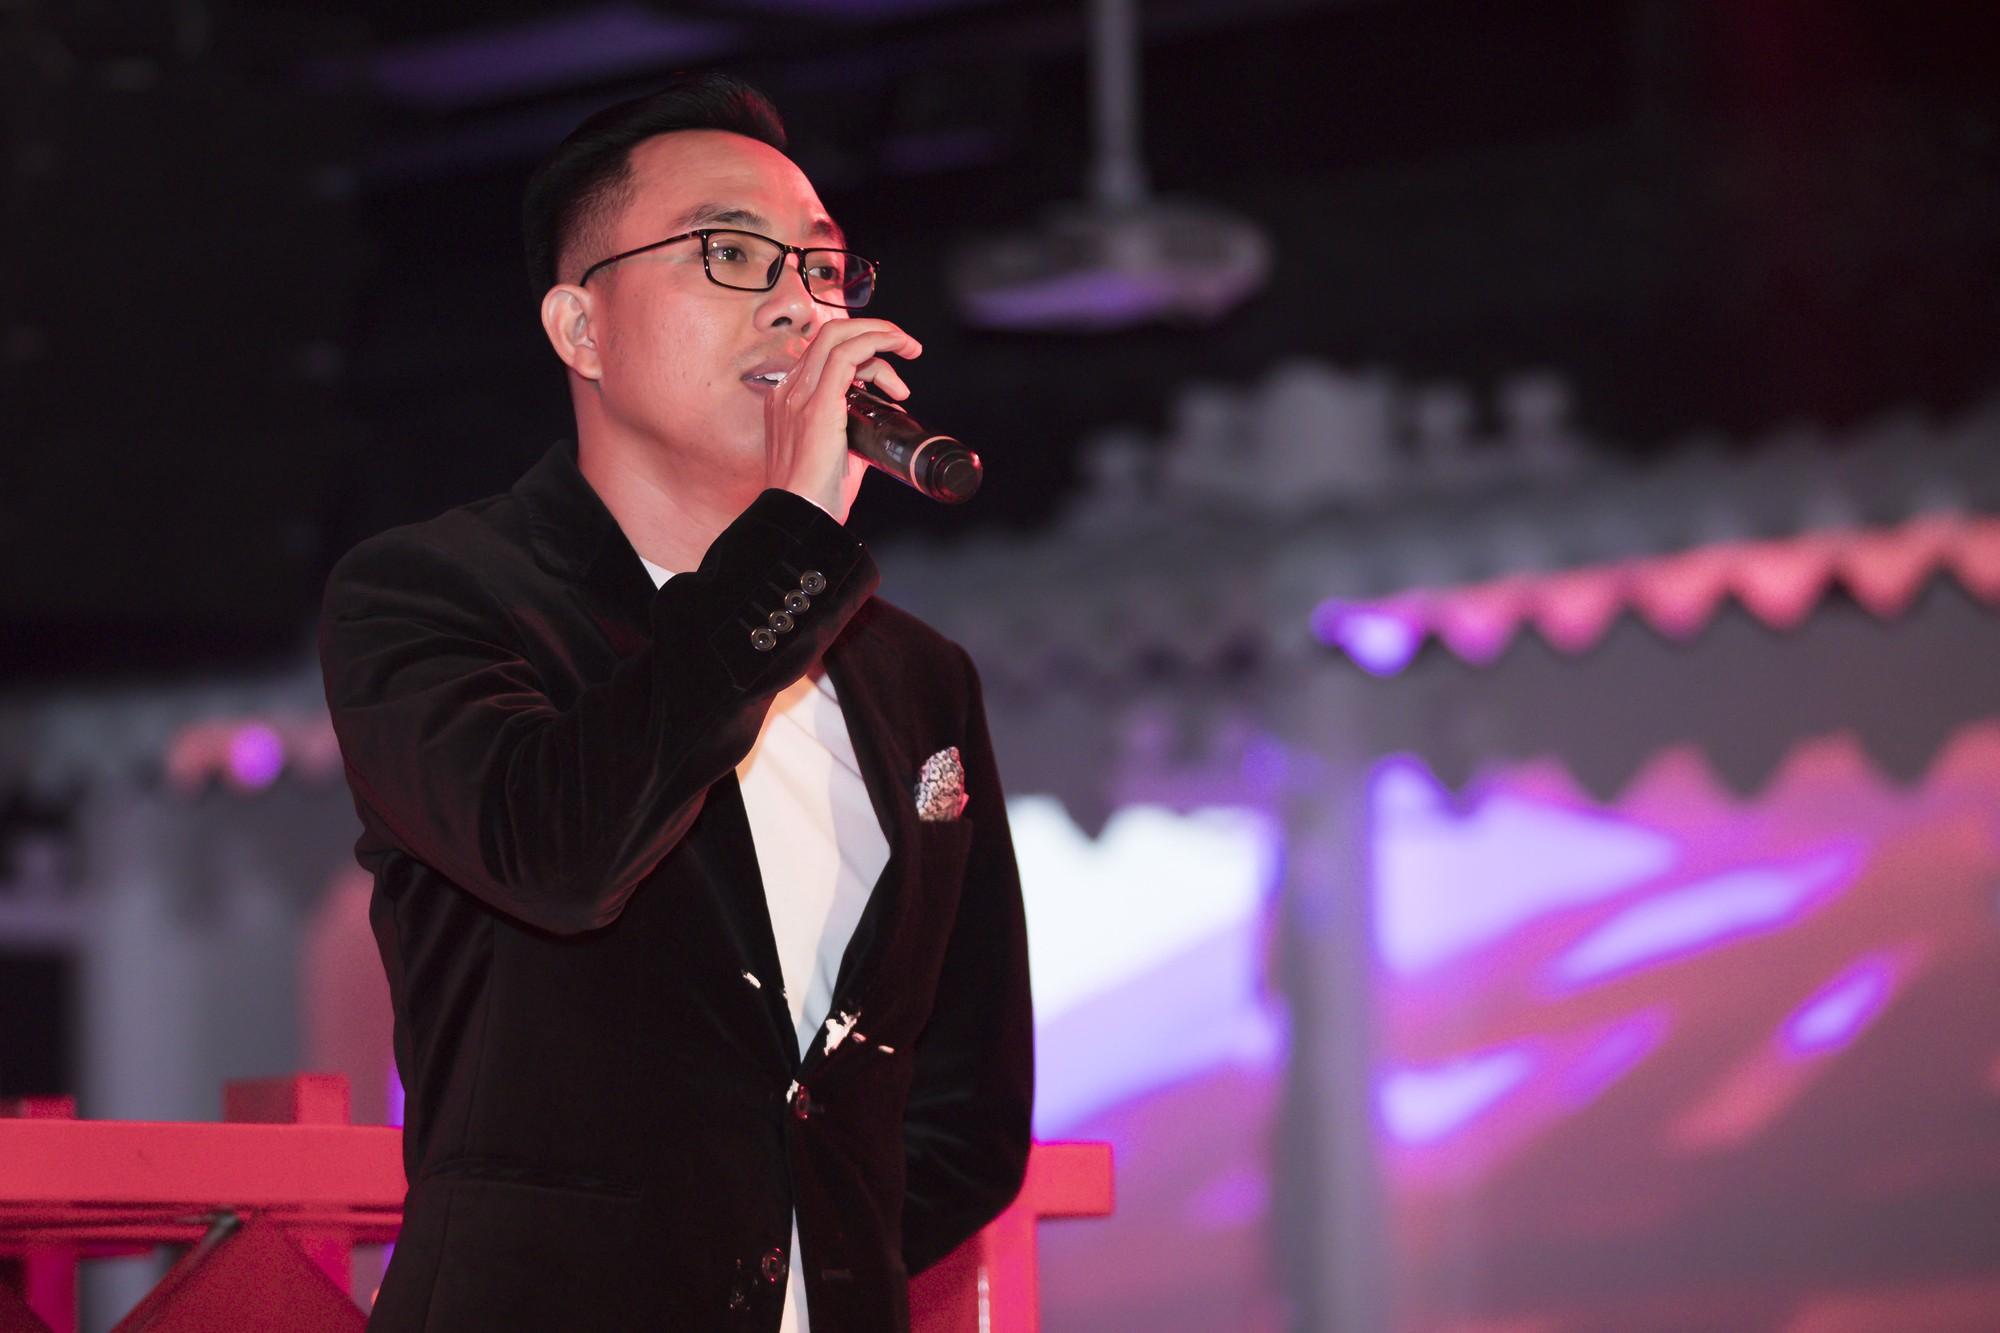 Thực hư chuyện nhạc sĩ Nguyễn Hồng Thuận chi tới 1,3 tỷ làm tiệc sinh nhật mời bạn bè nghệ sĩ - Ảnh 3.